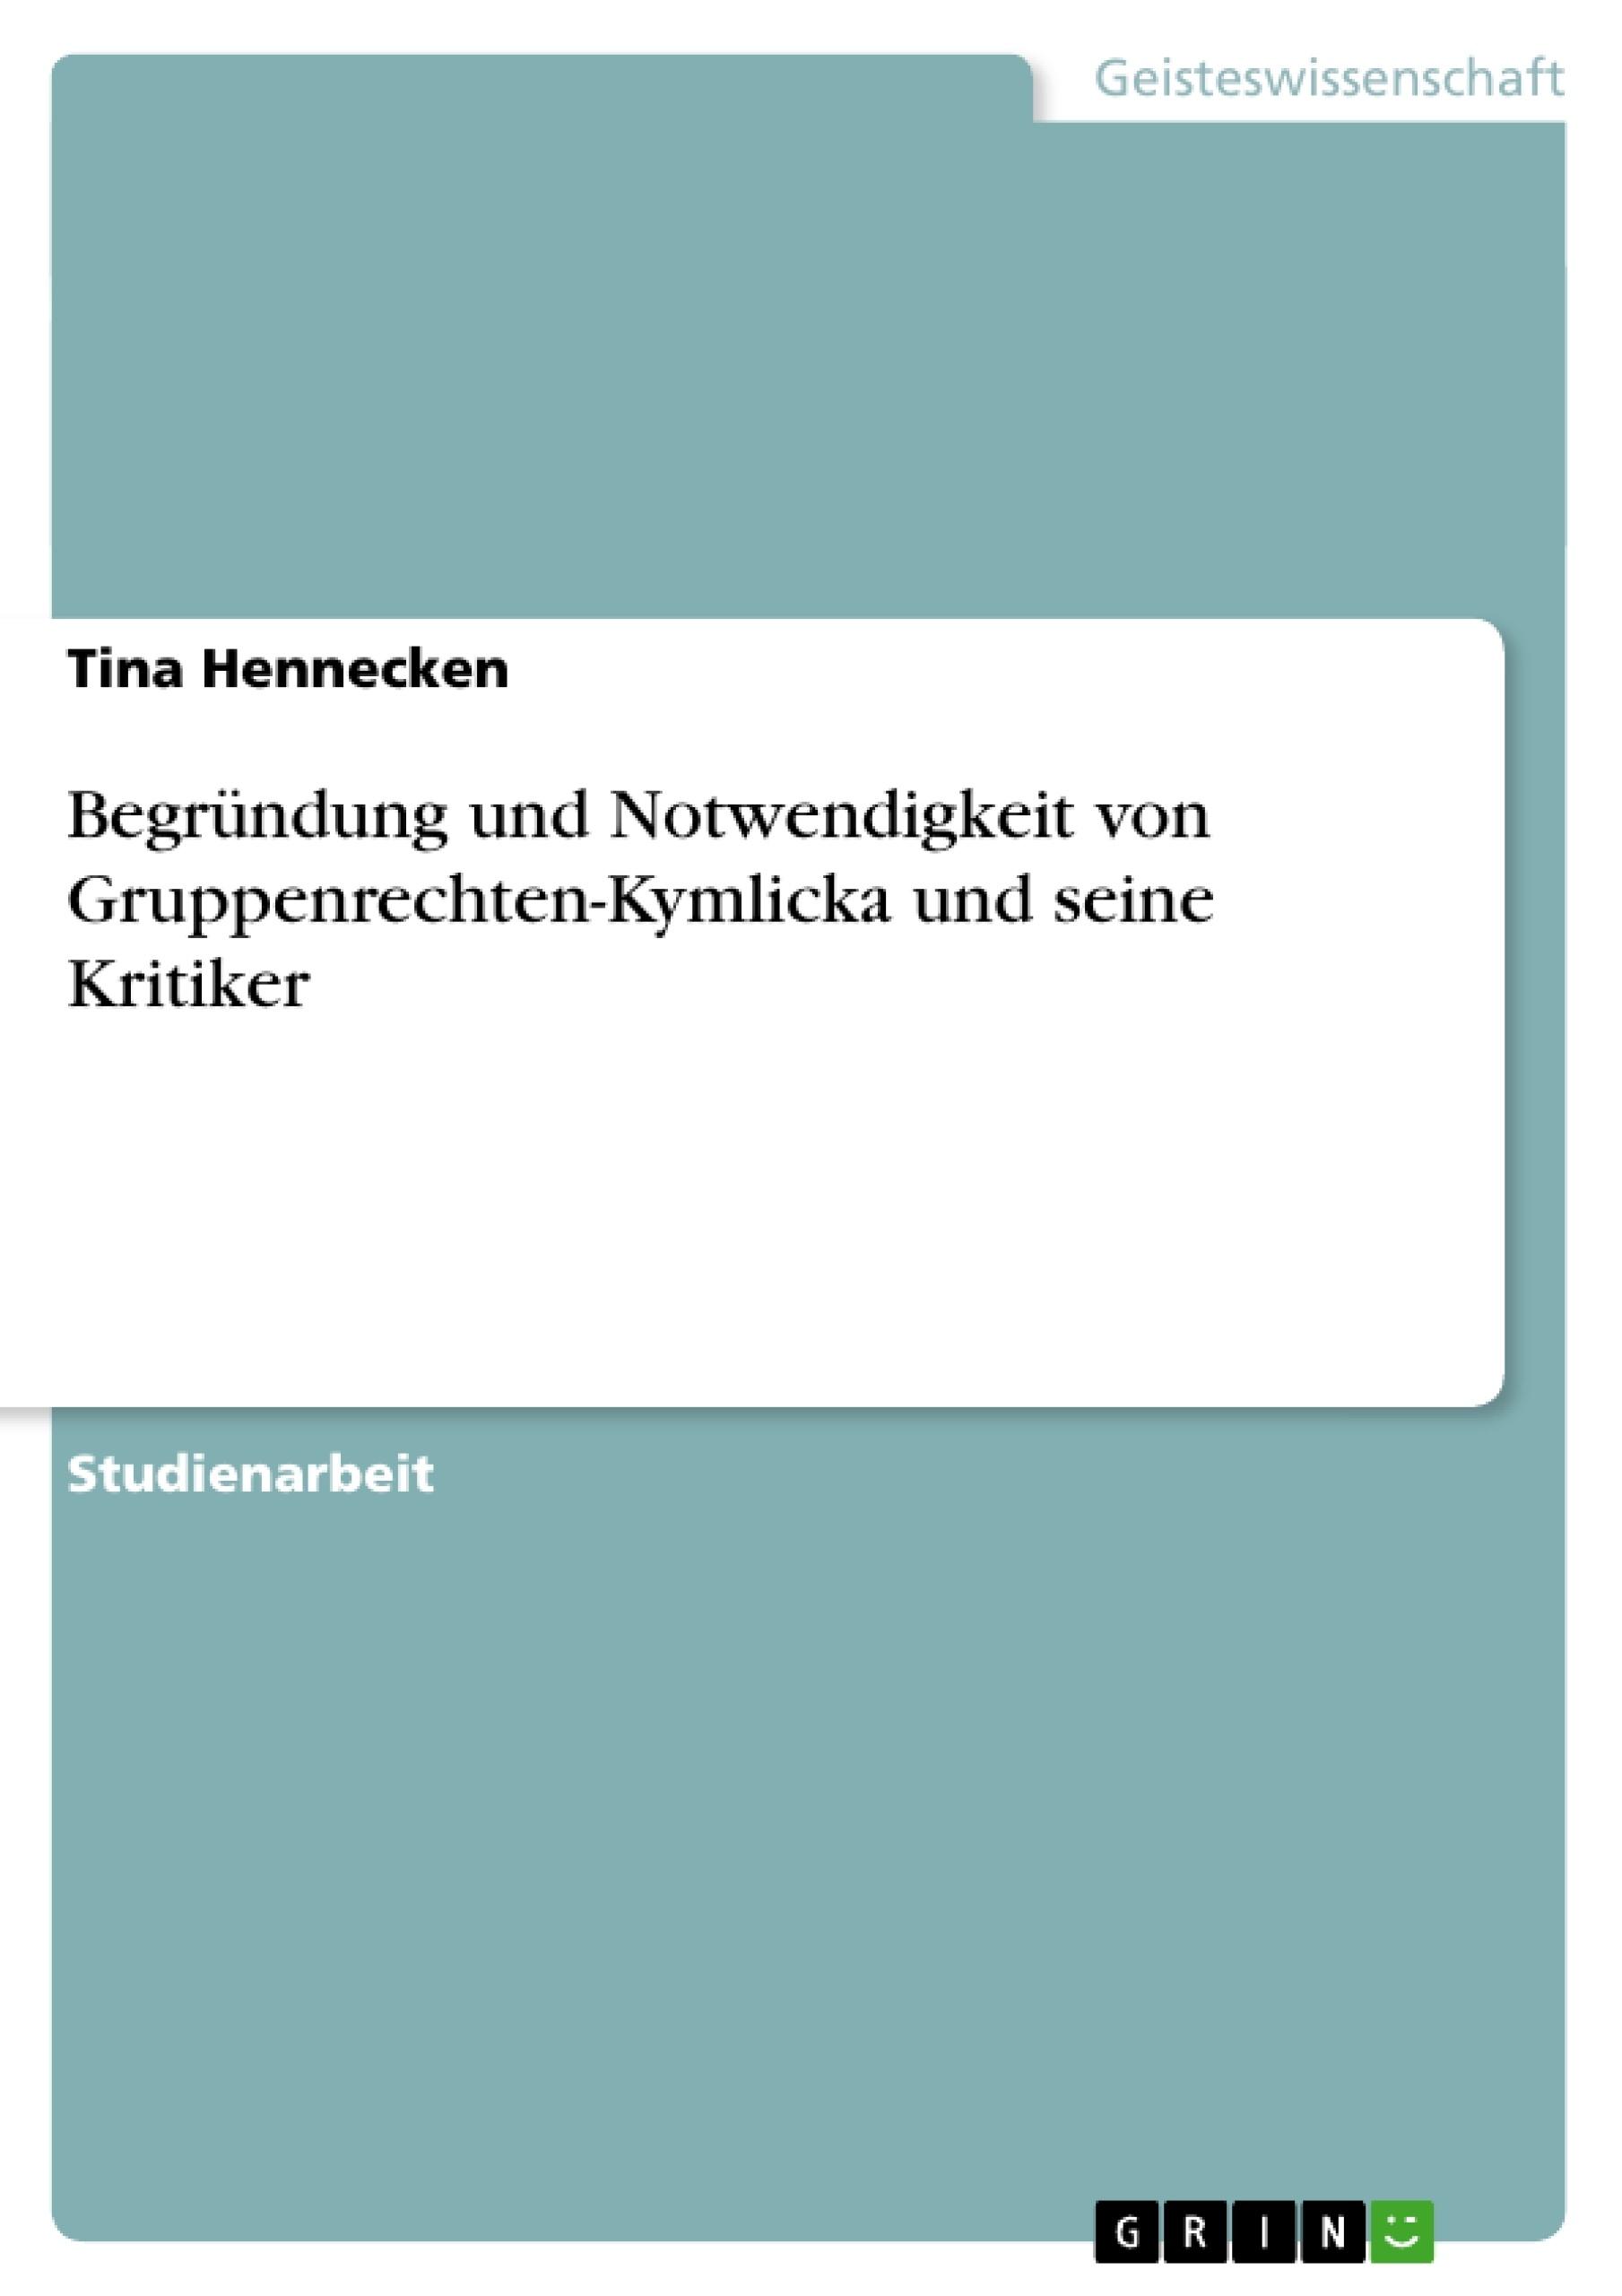 Titel:  Begründung und Notwendigkeit von Gruppenrechten-Kymlicka und seine Kritiker